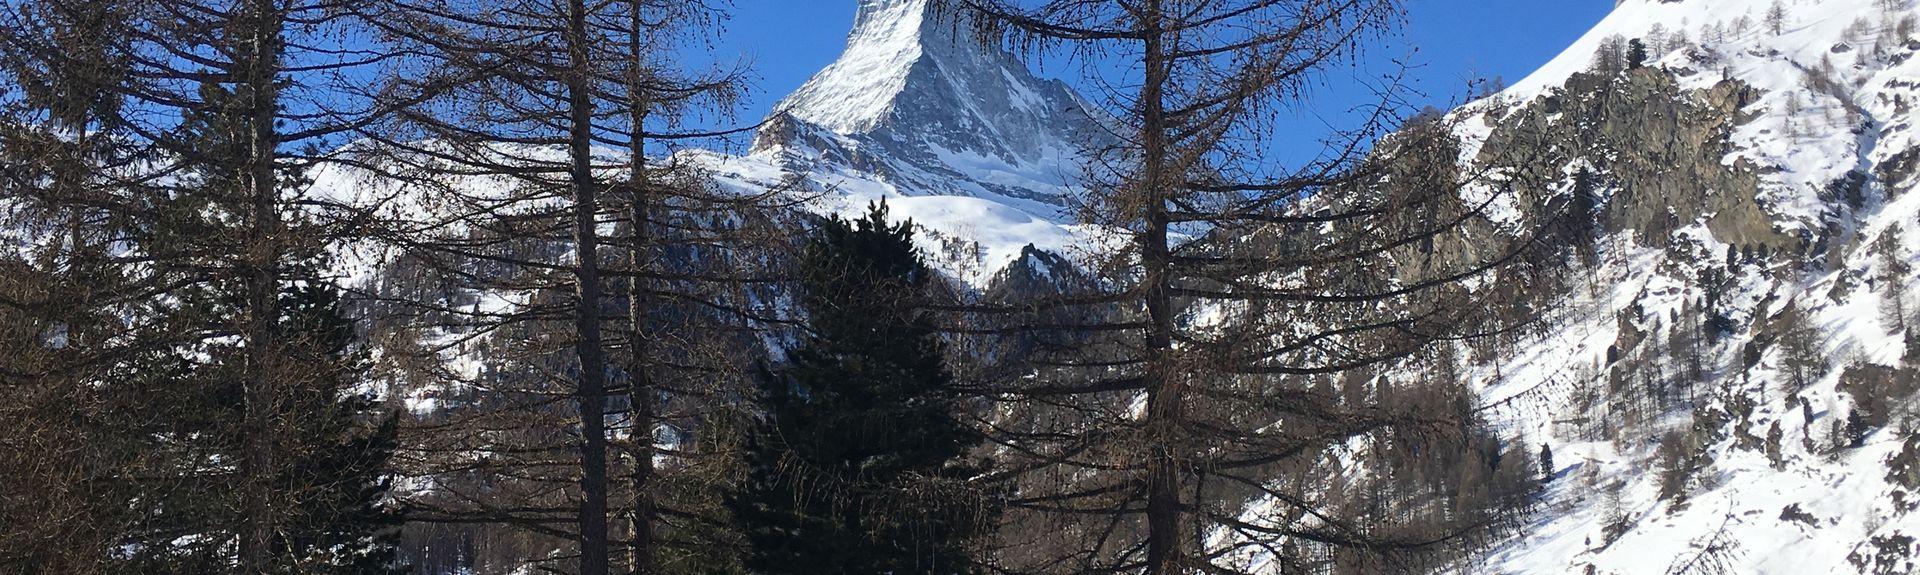 Randa, Valais, Switzerland